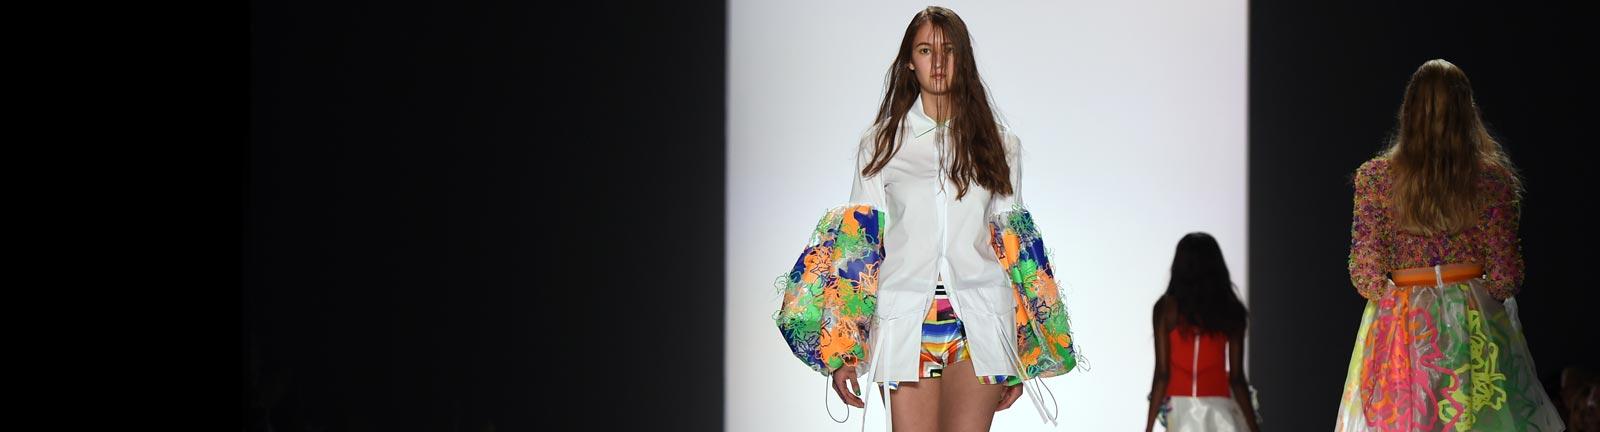 Die Modetrends für Frühjahr/ Sommer 2016 wurden auf der Belrin Fashion Week vorgestellt.